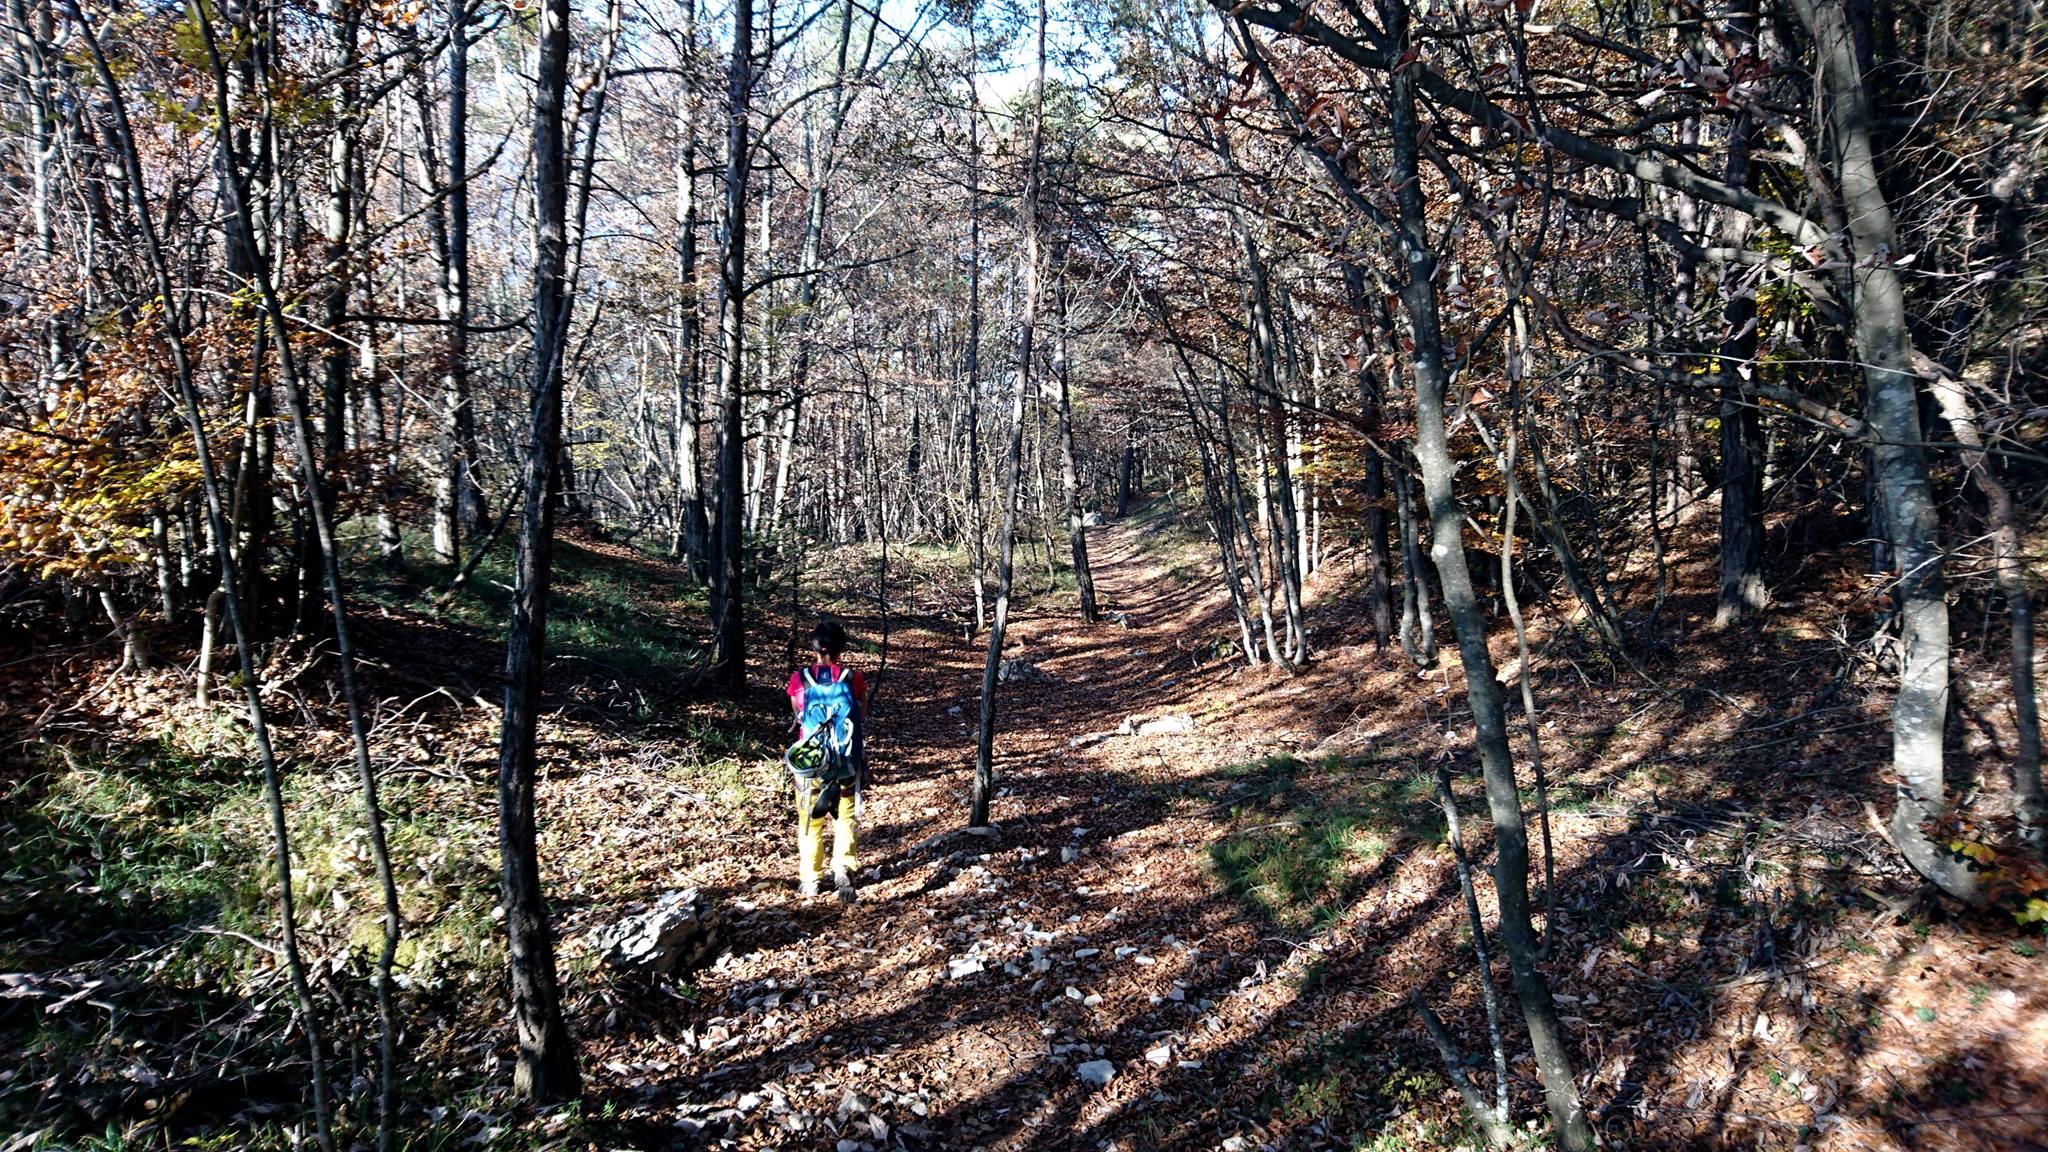 la discesa sarà in un bellissimo bosco che conduce ad una frazione.Da lì poi, una mulattiera mista a sentiero scosceso riportano verso Sarche